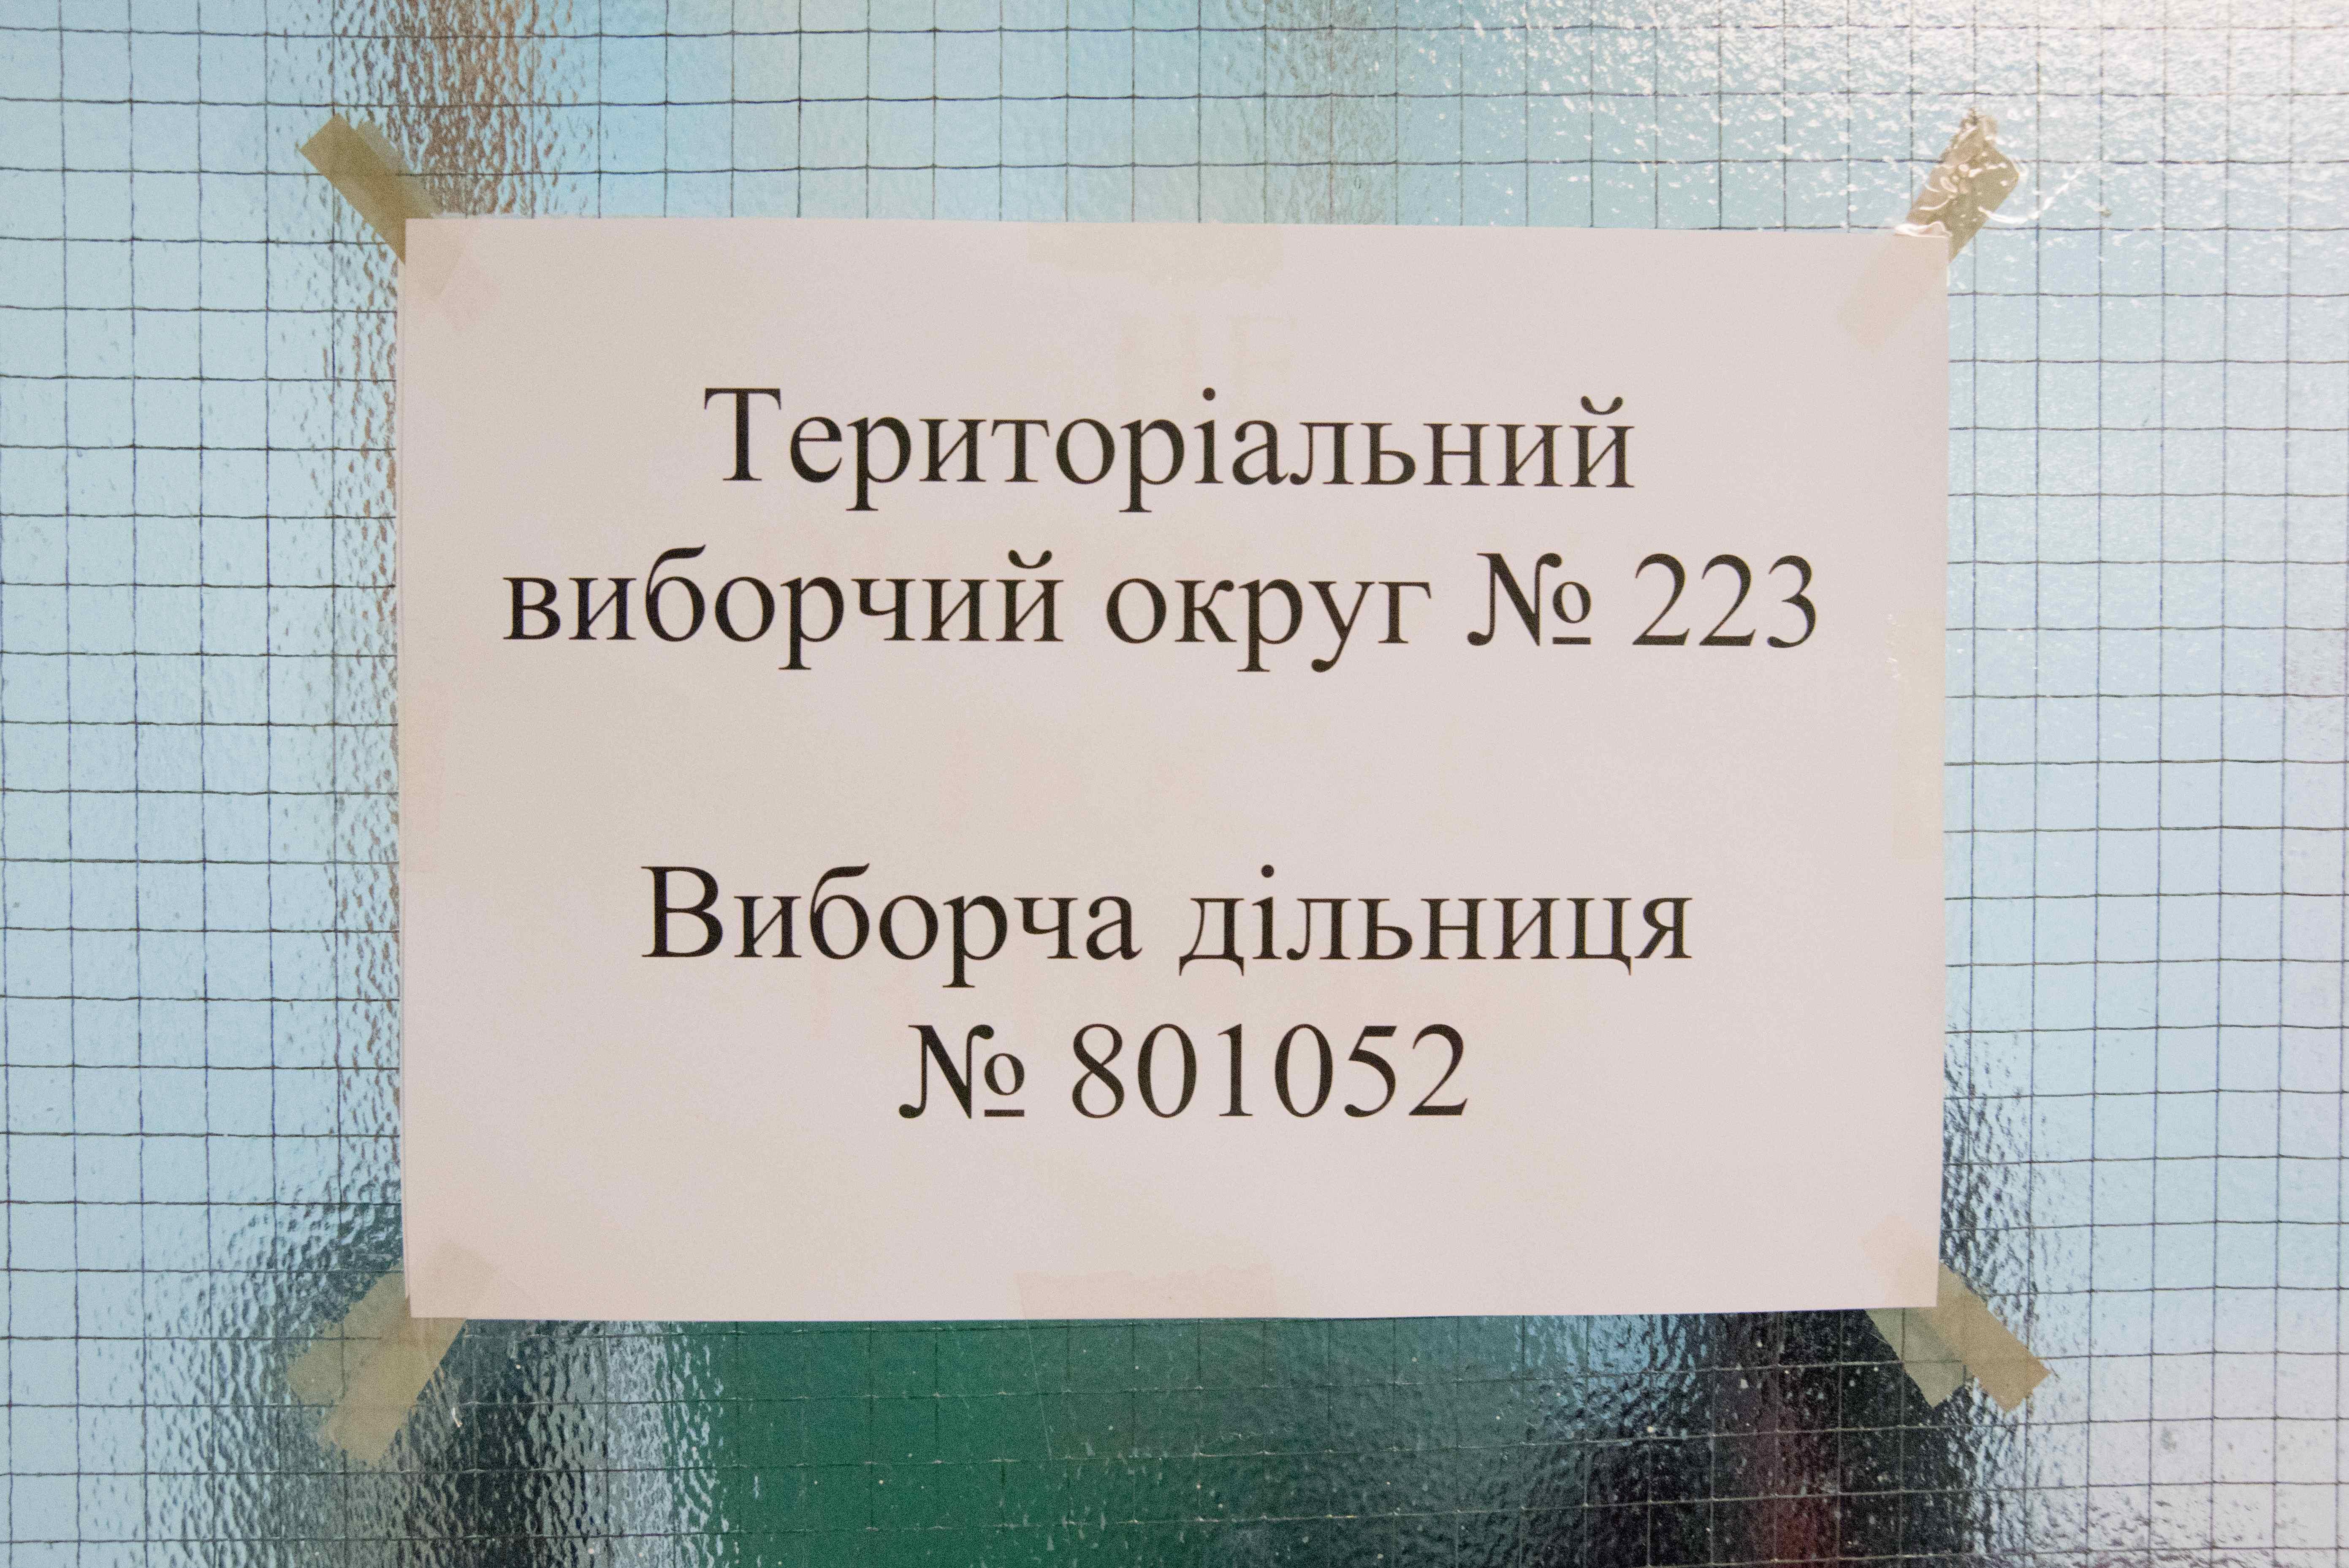 Другий тур виборів Президента України. Закінчилося голосування на станції «Академік Вернадський»